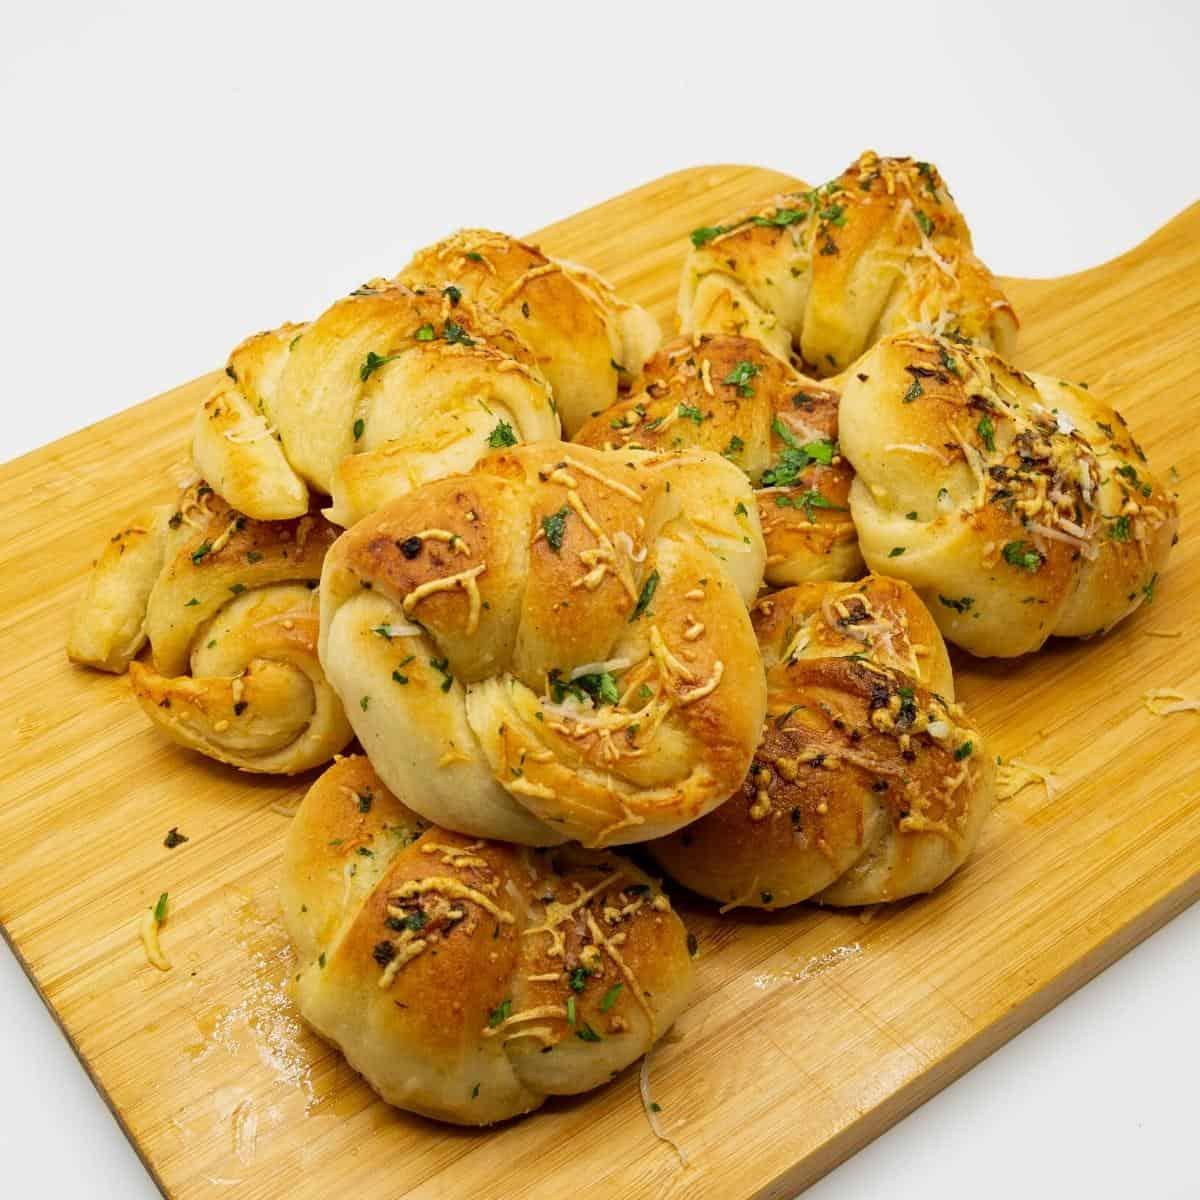 Garlic bread rolls on a wooden board.